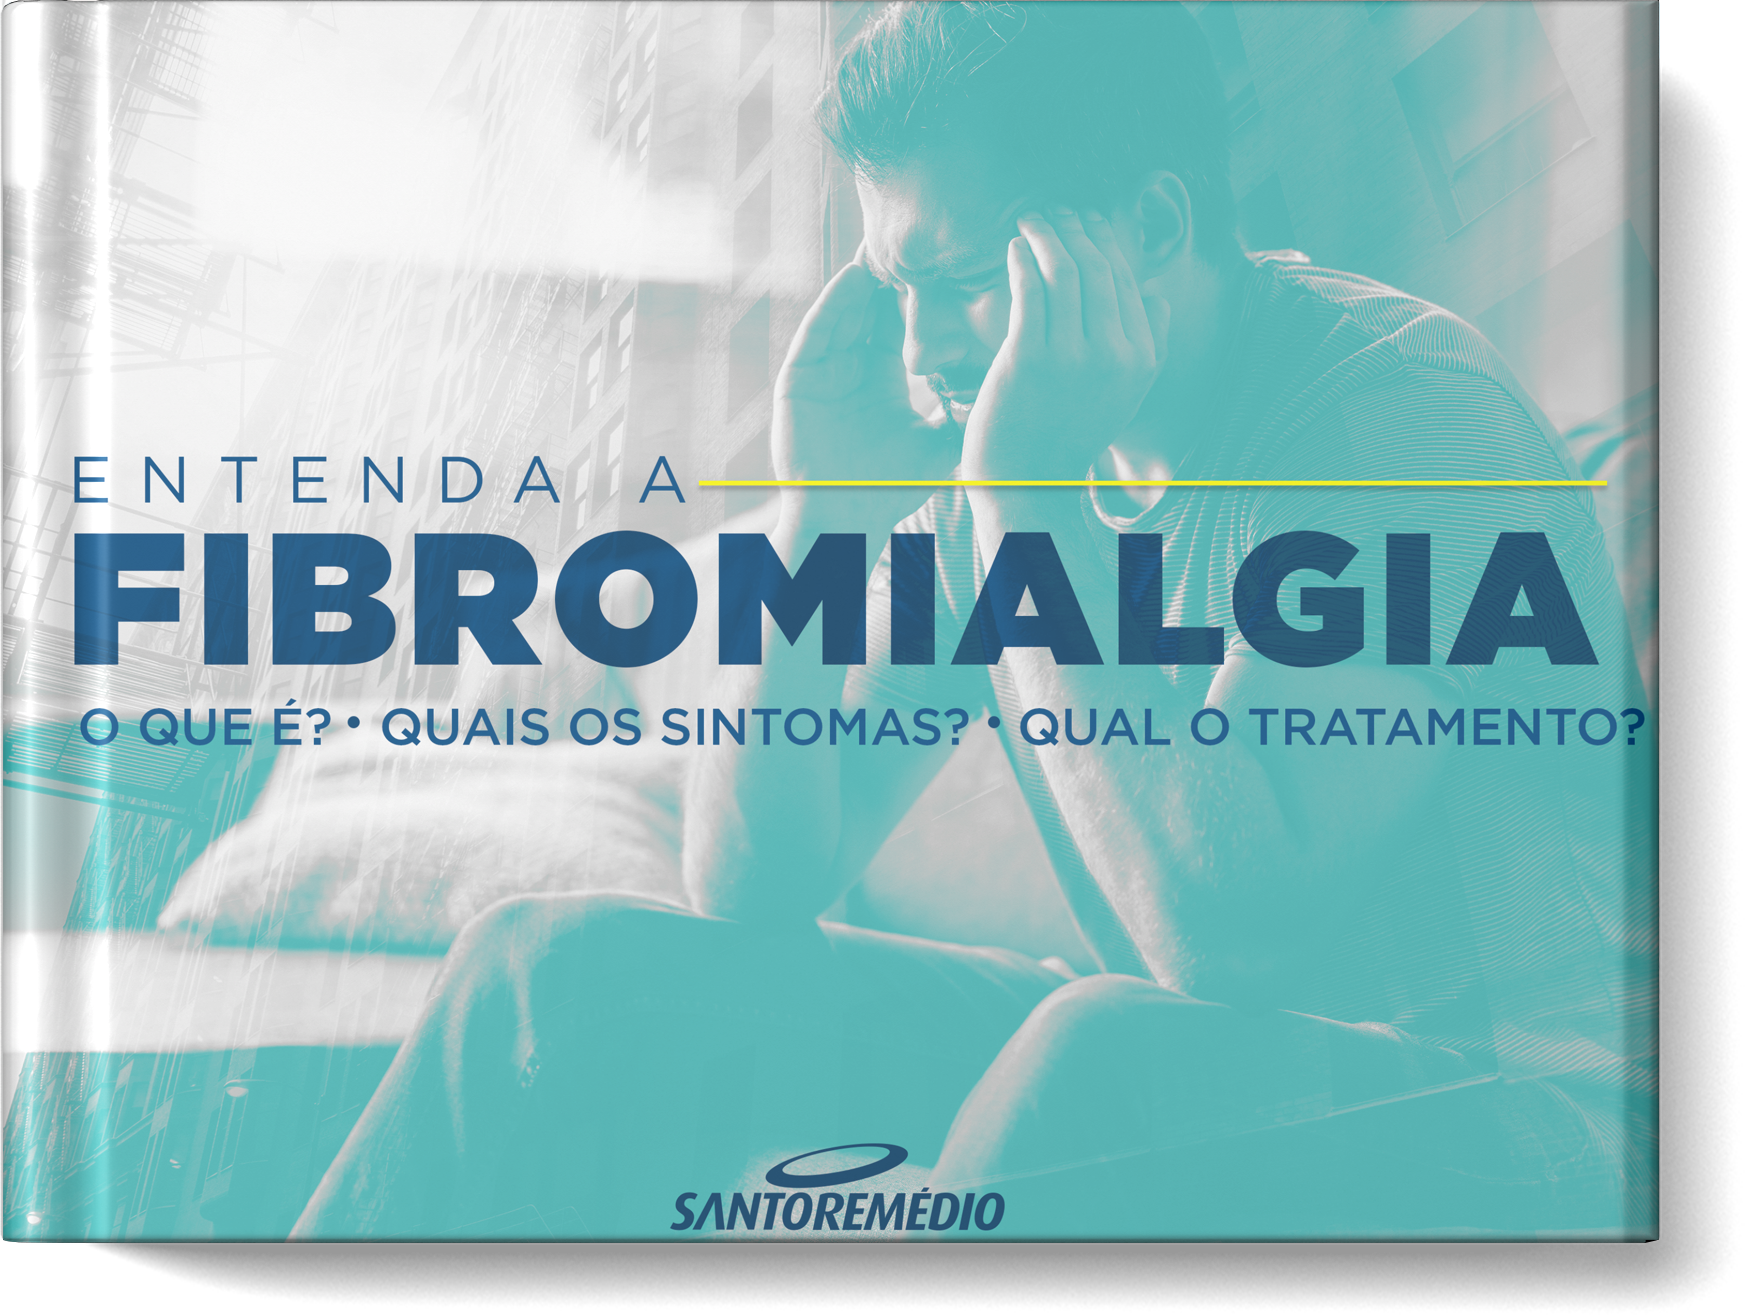 Entenda a Fibromialgia